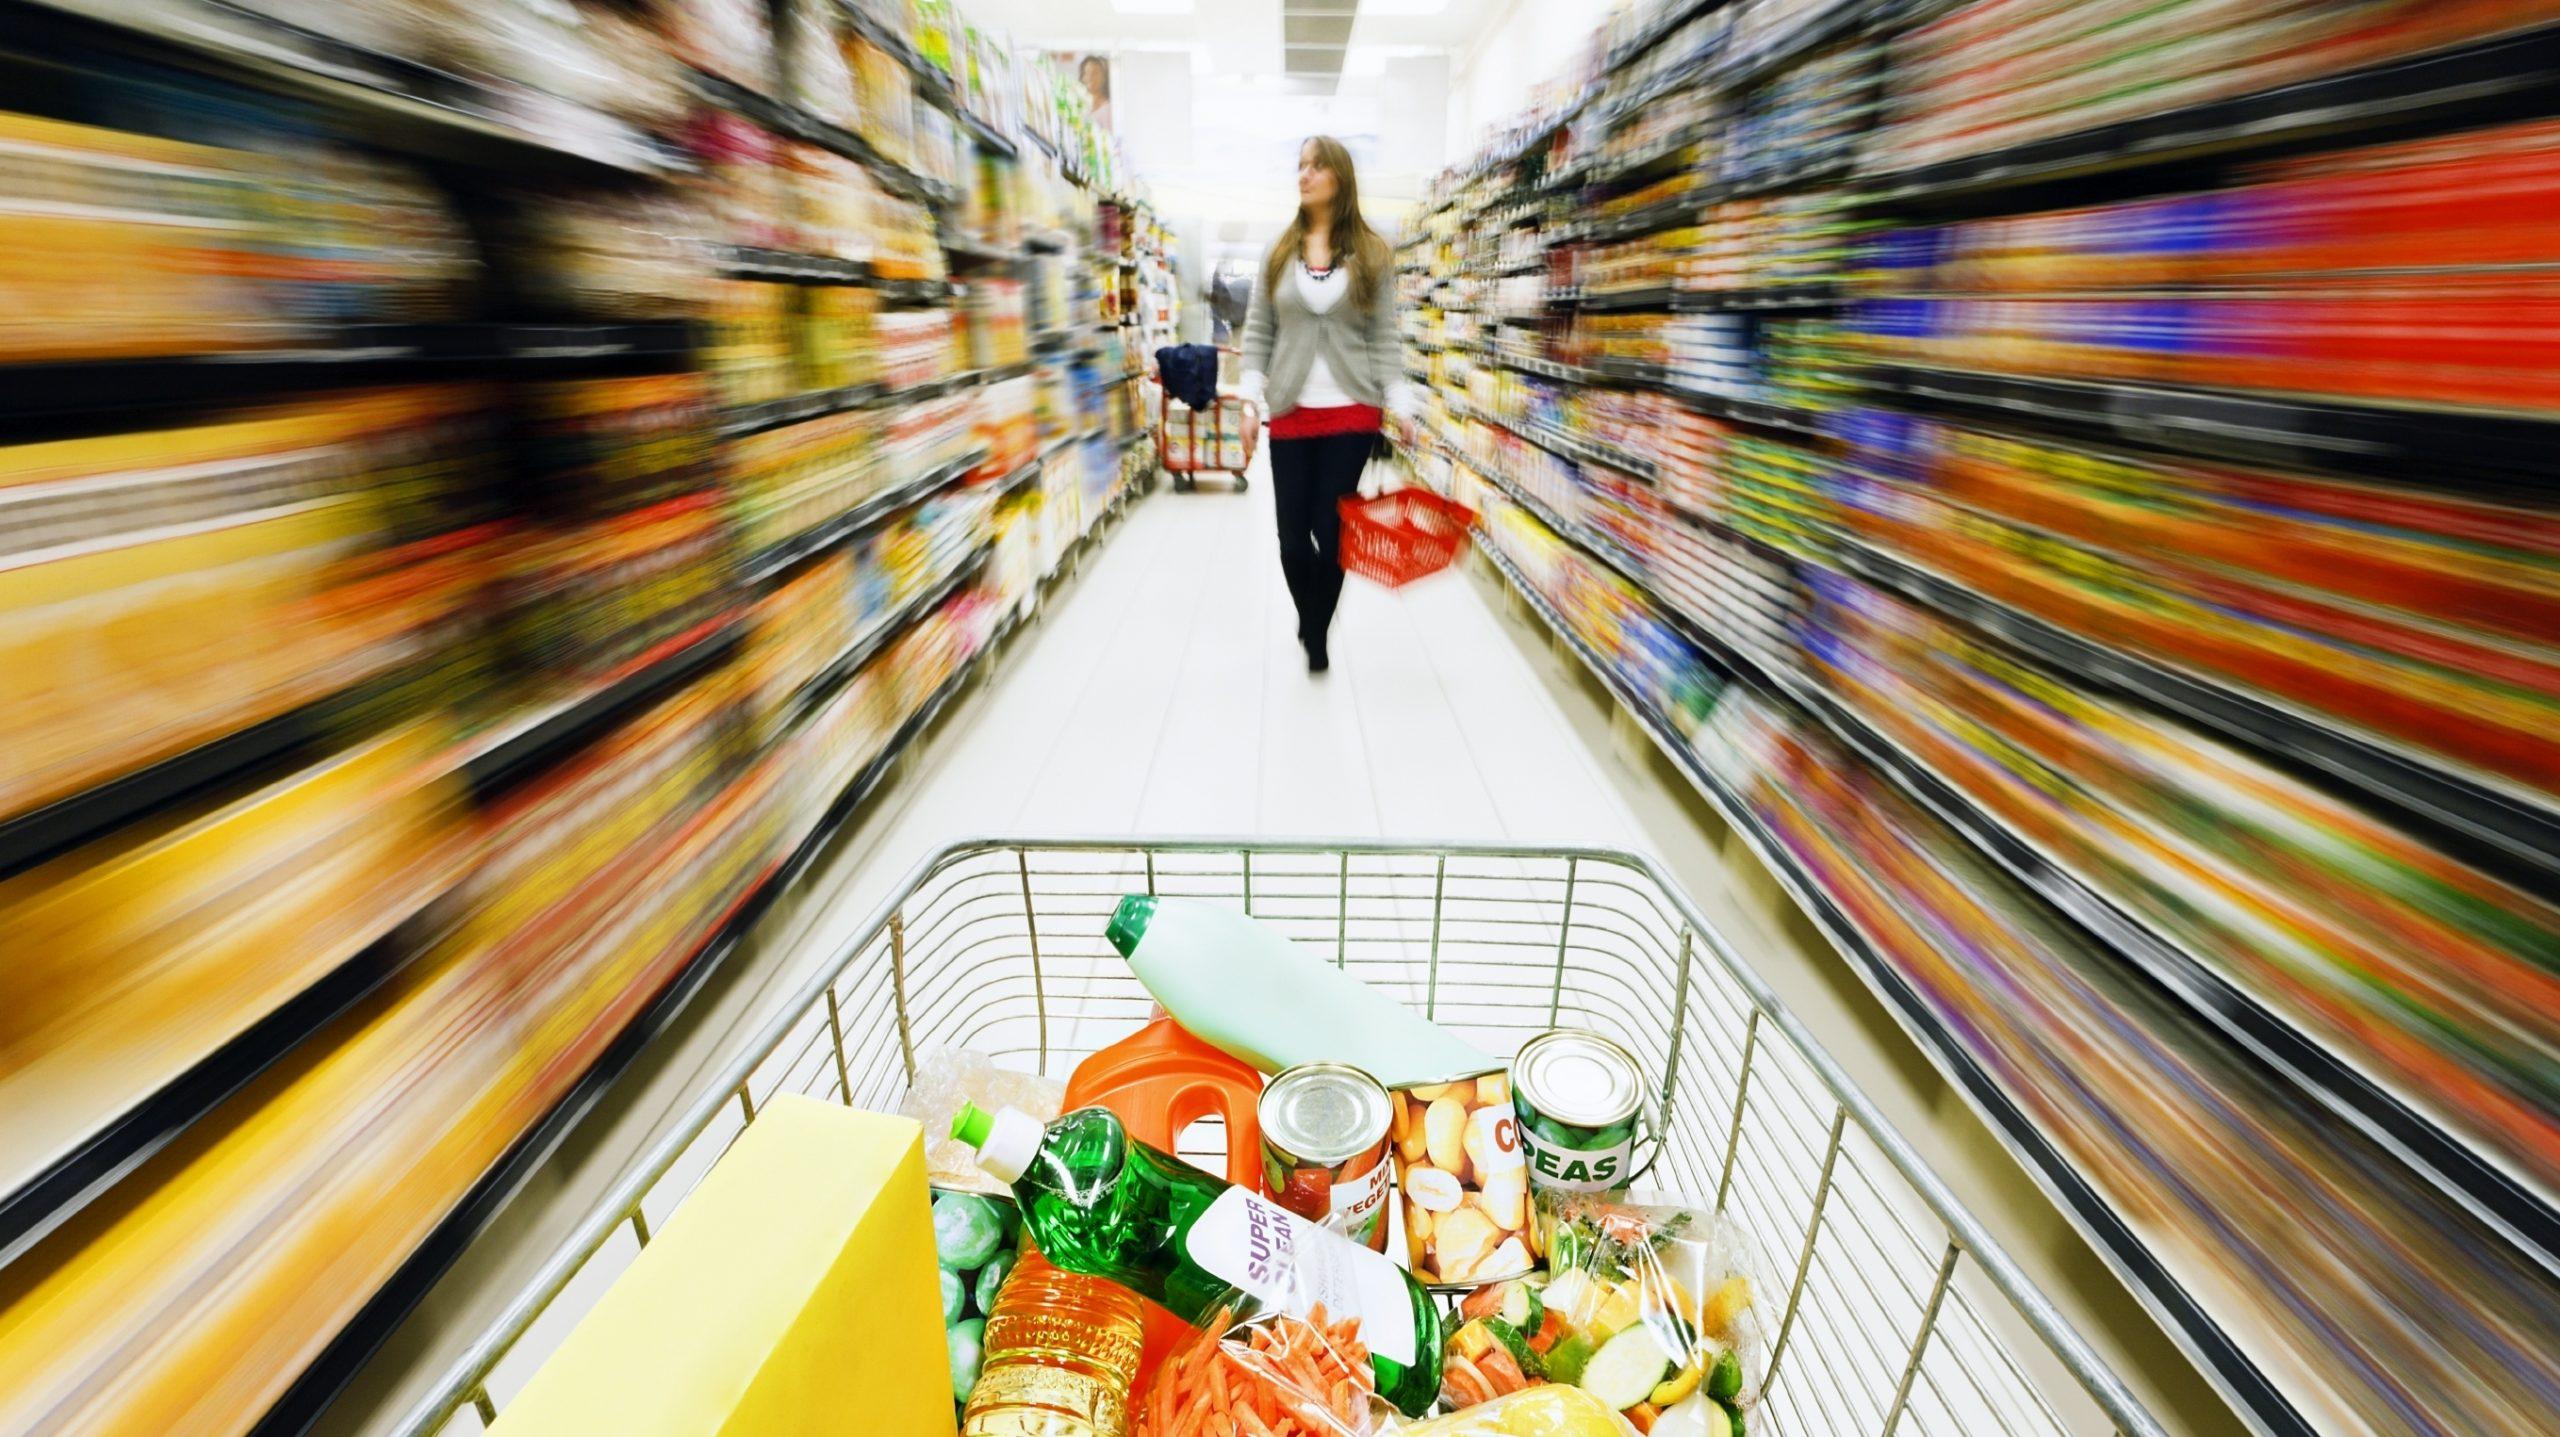 20 Trucos de los supermercados para que compres más 4